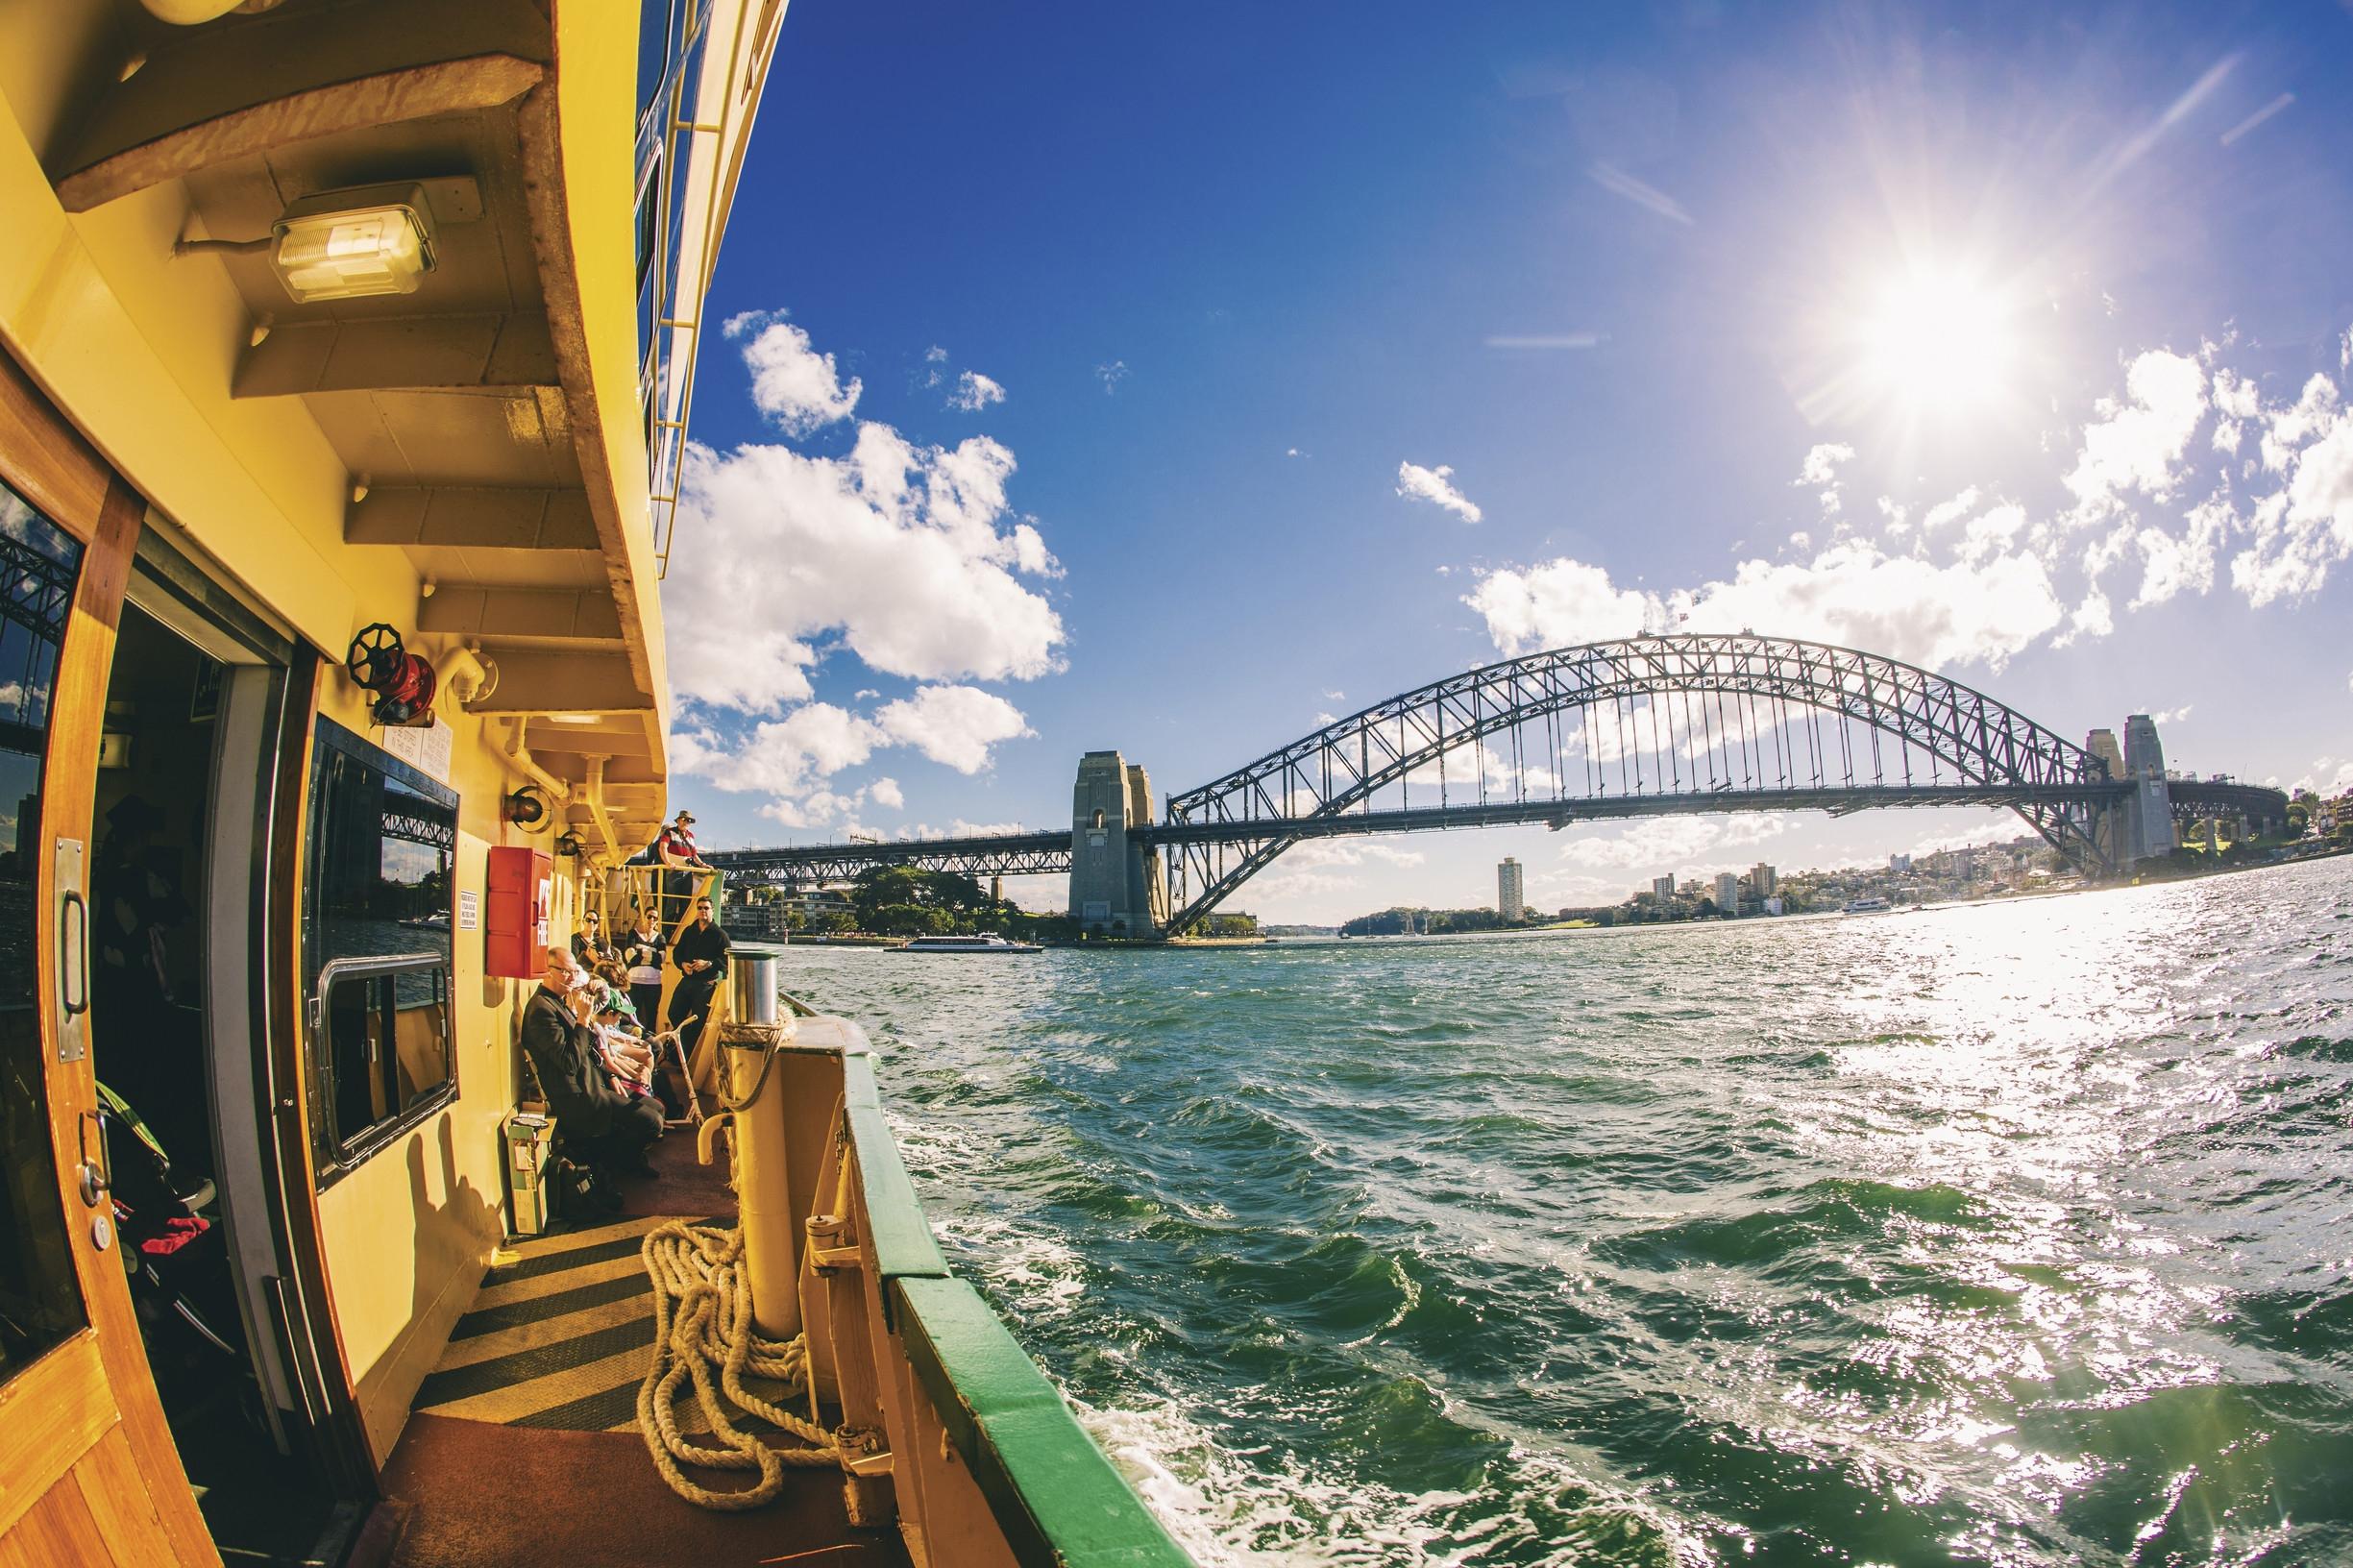 【双船揽胜】澳大利亚+新西兰双飞12日跟团游<爱的行走之 南半球去撒欢儿 A19>